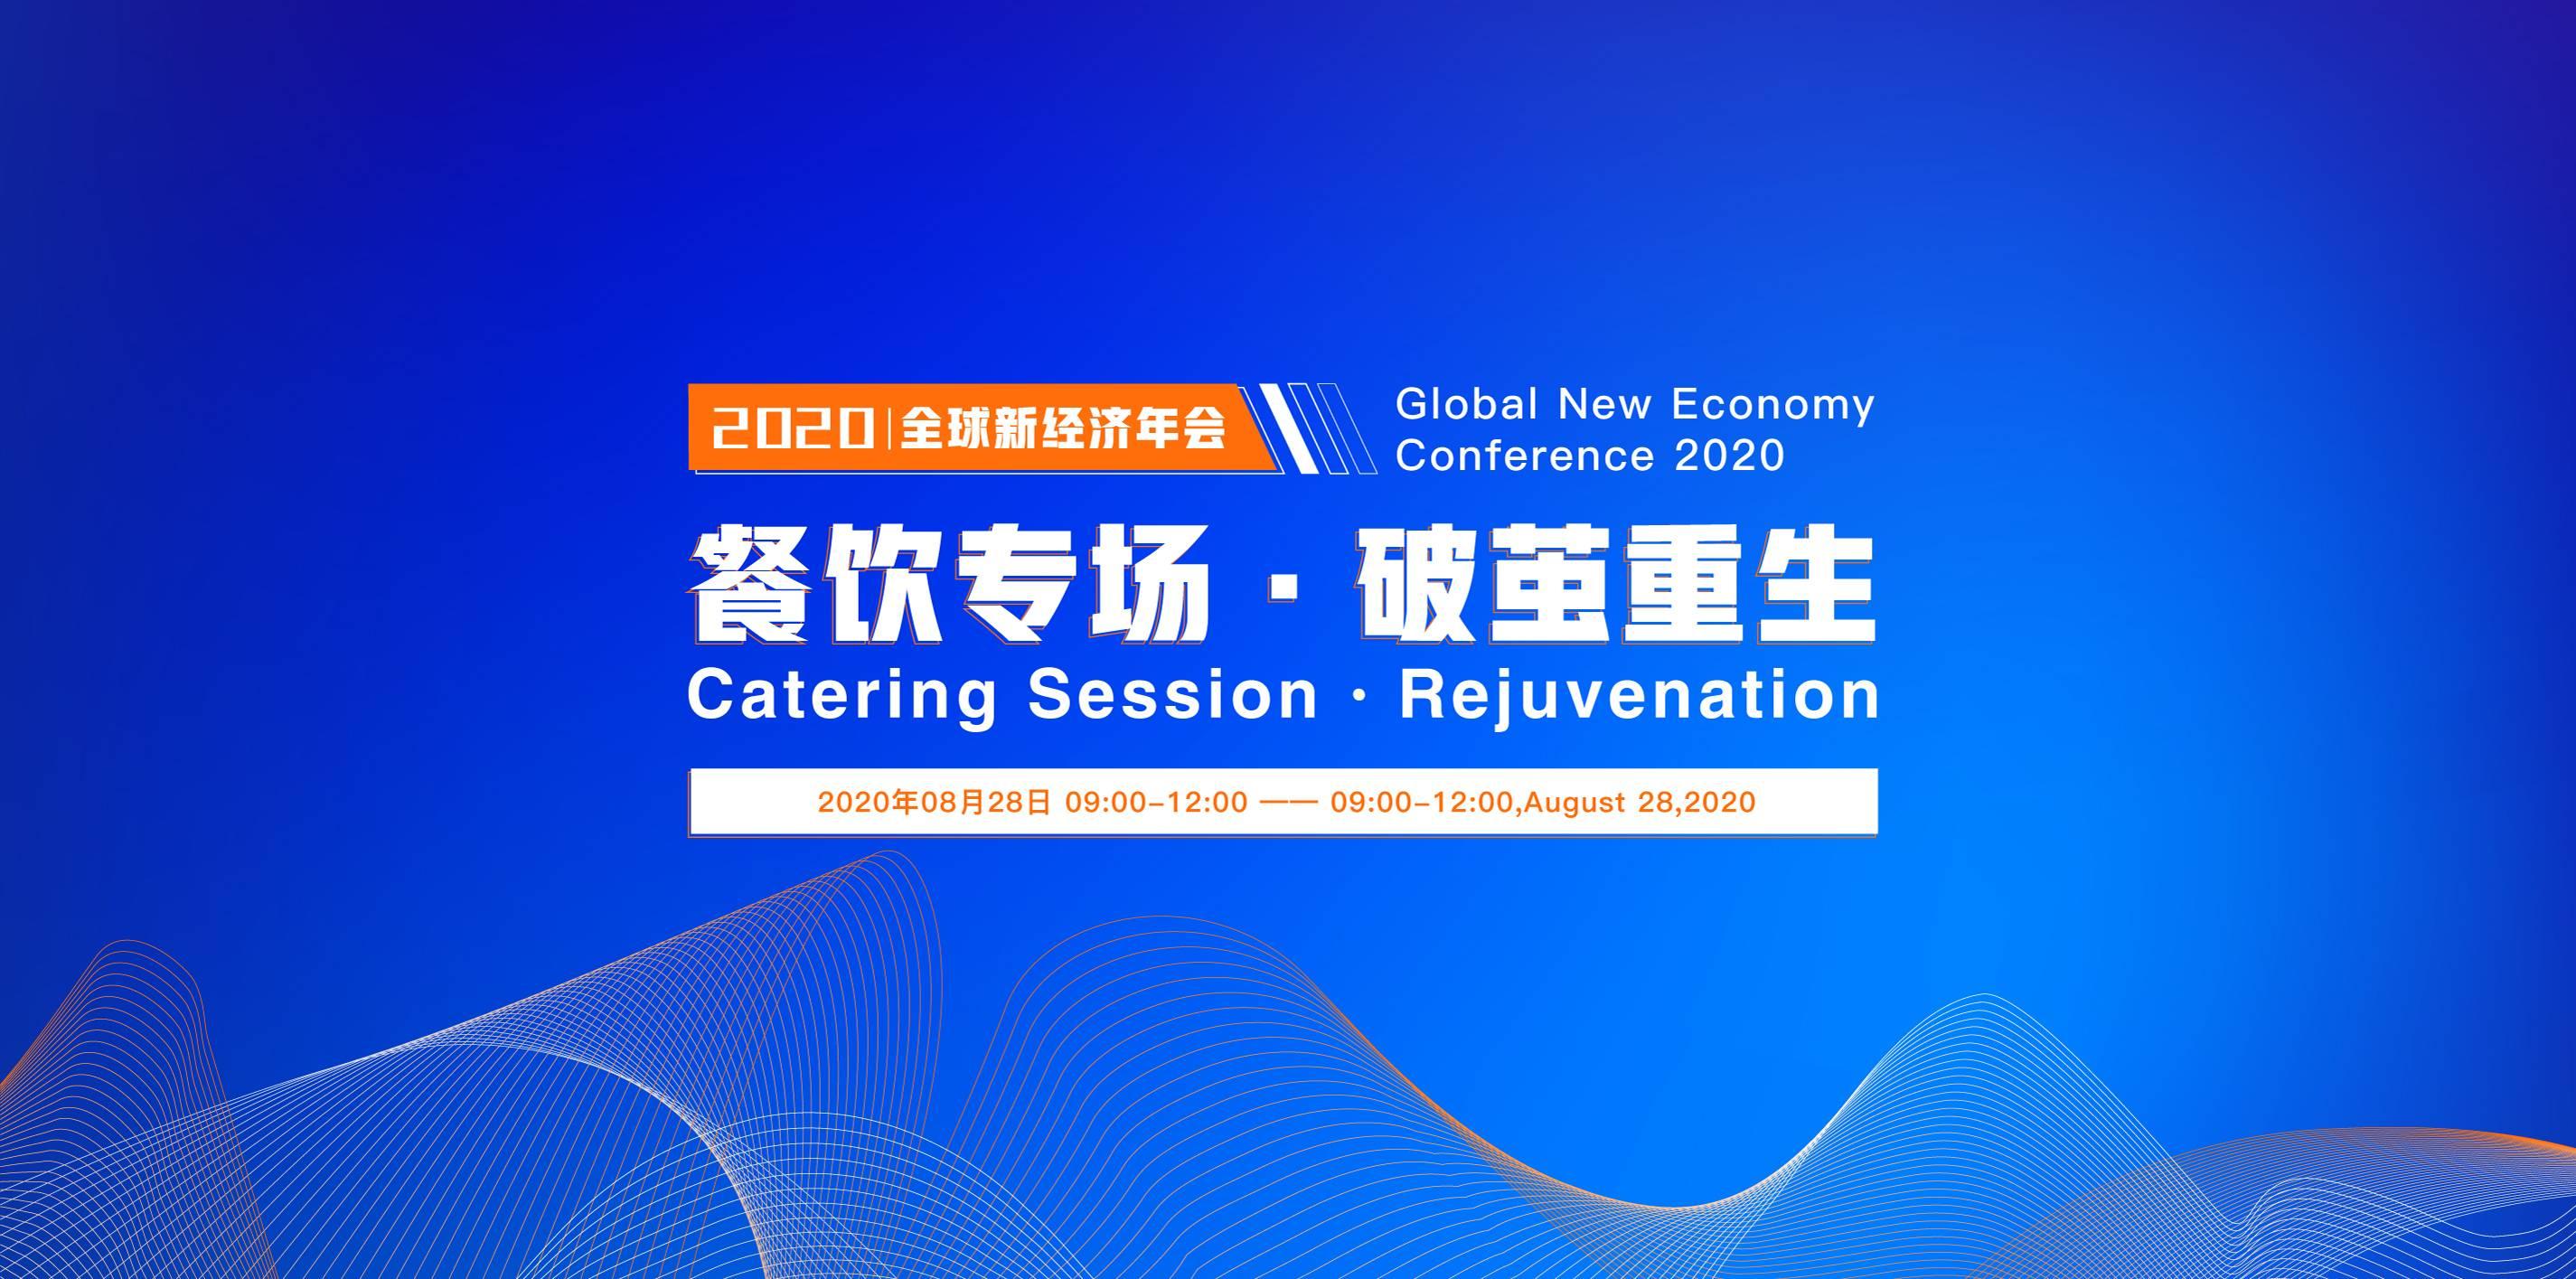 【活动】2020全球新经济年会 餐饮专场-亿欧